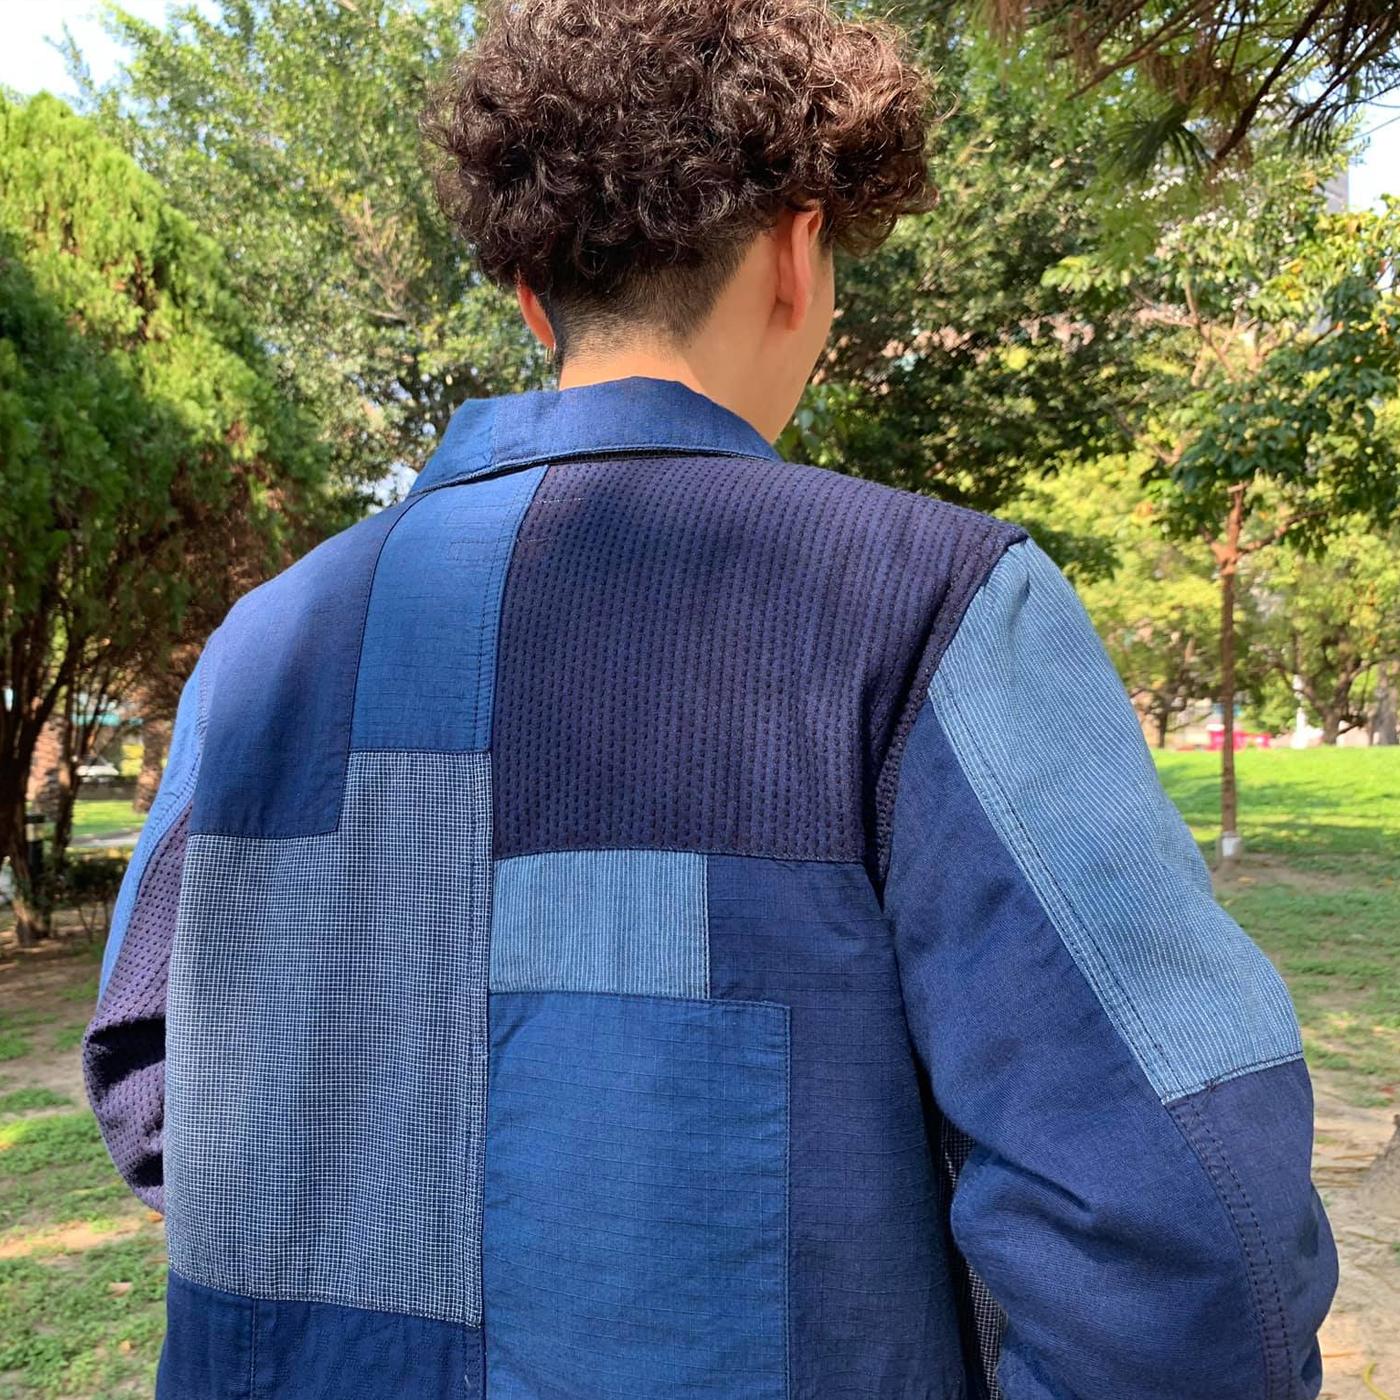 outdoor,軍風,男裝女穿,一週搭配,同色系,拼接,搭配名人,查理,格紋,條紋,女生搭配,街頭搭配